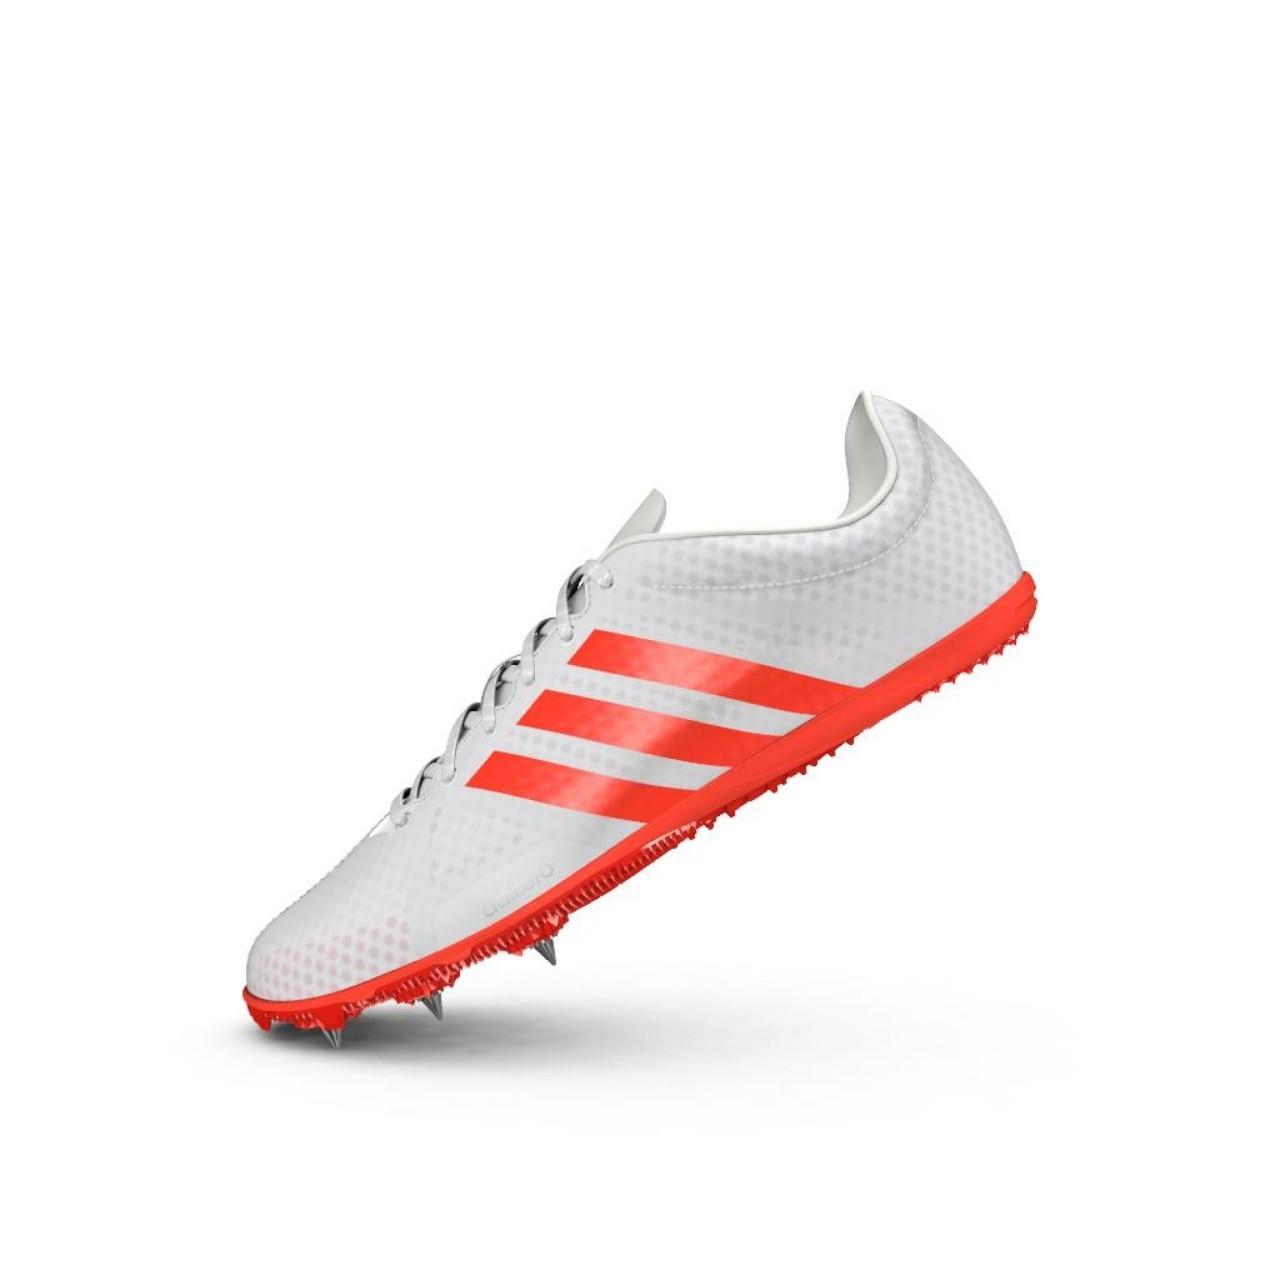 adidas Adizero Ambition 3 W - ftwwht/solred/silvmt